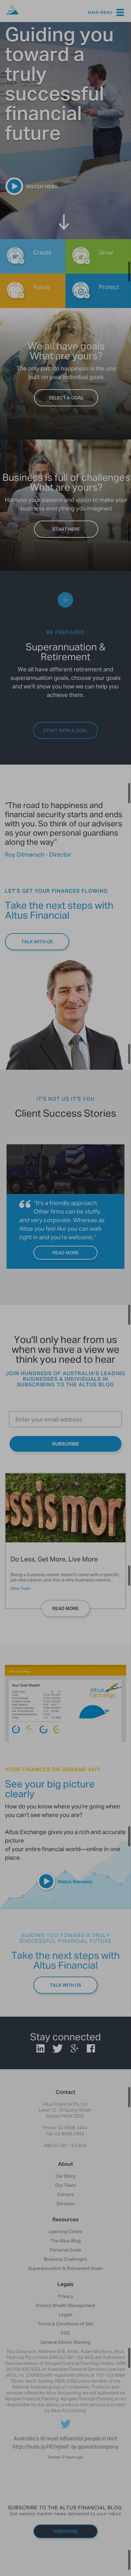 altus_mobile.png